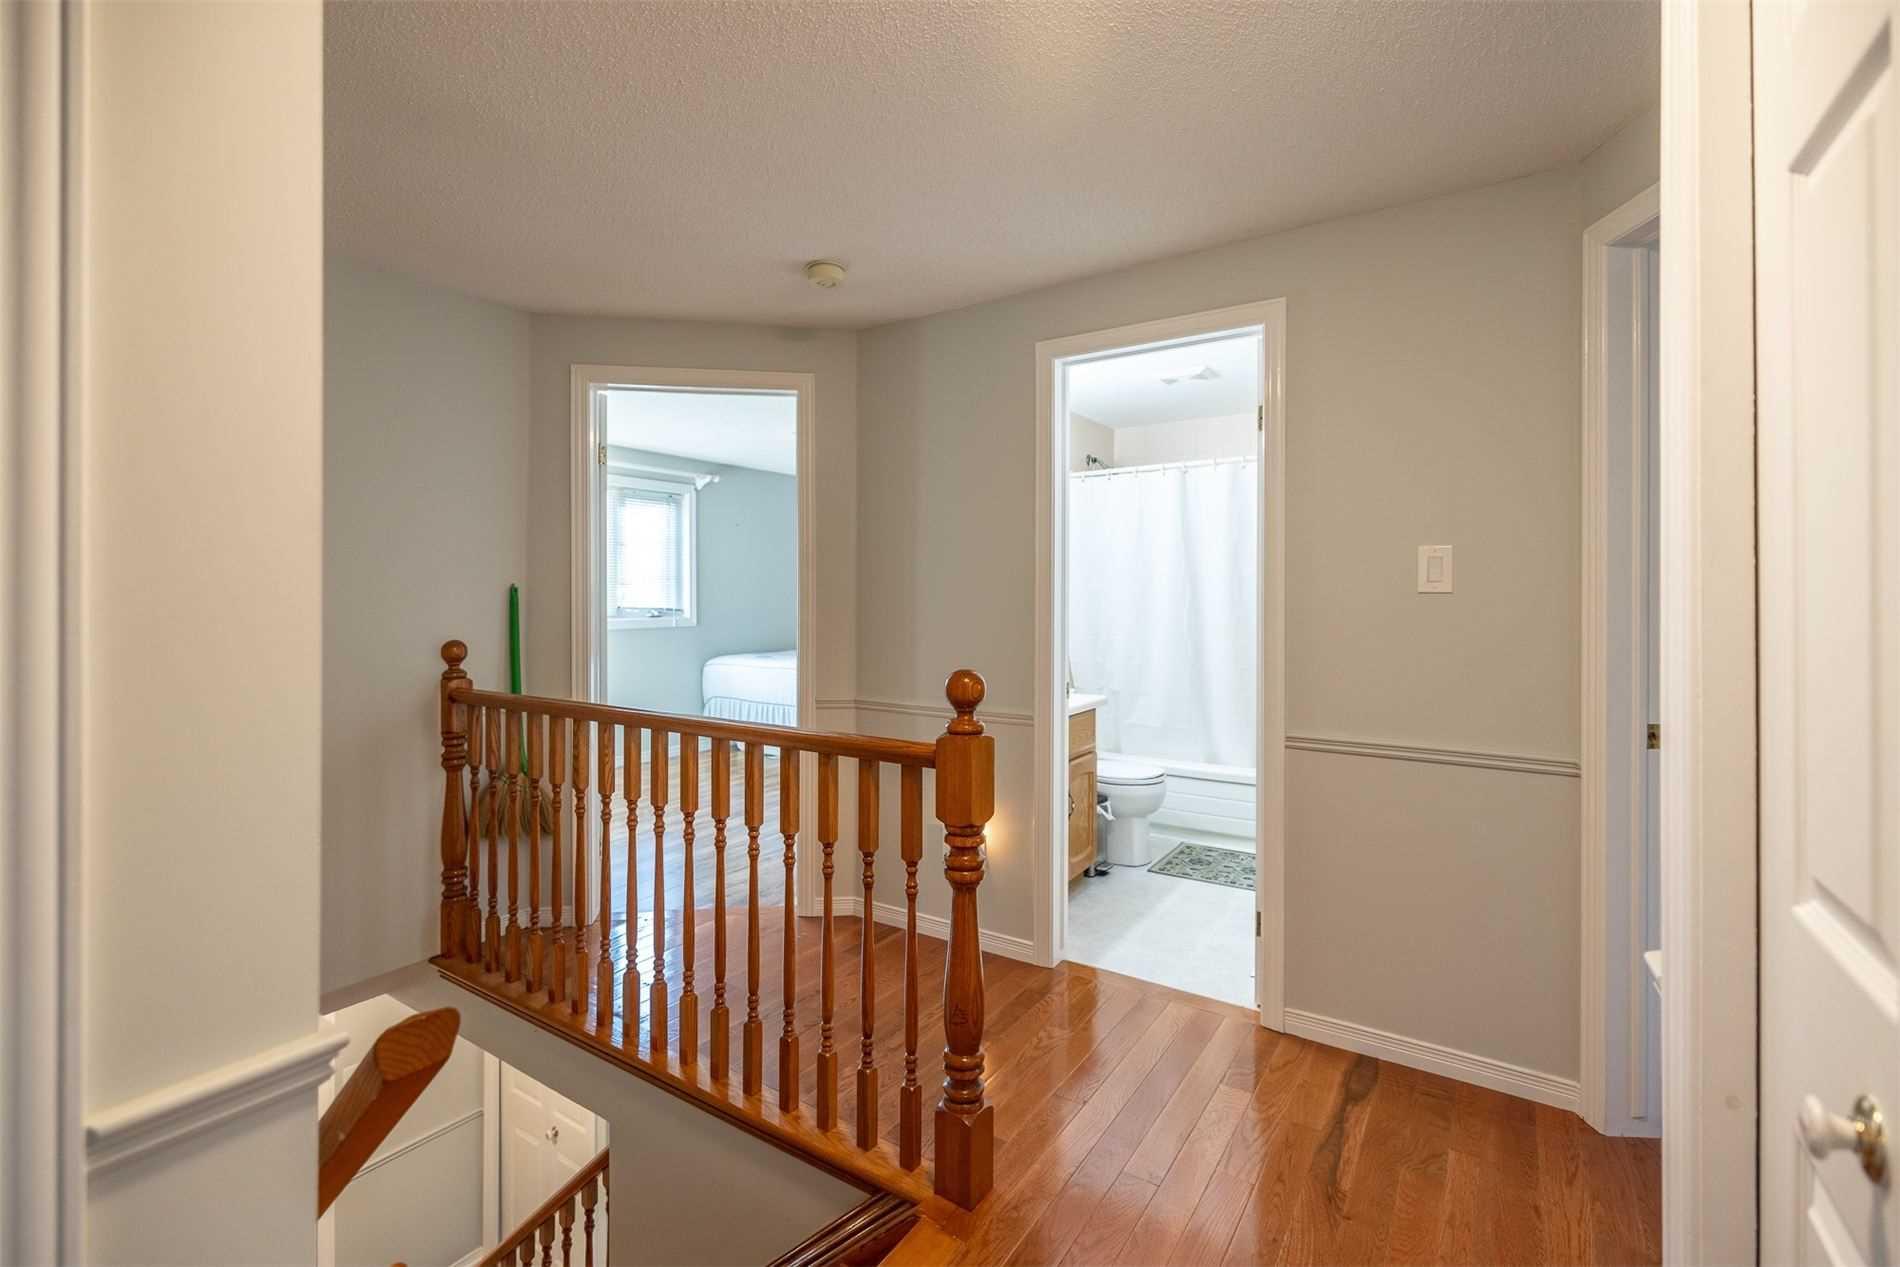 250 Elmira Rd, Guelph, Ontario N1K1P8, 4 Bedrooms Bedrooms, 13 Rooms Rooms,4 BathroomsBathrooms,Detached,For Sale,Elmira,X5350508